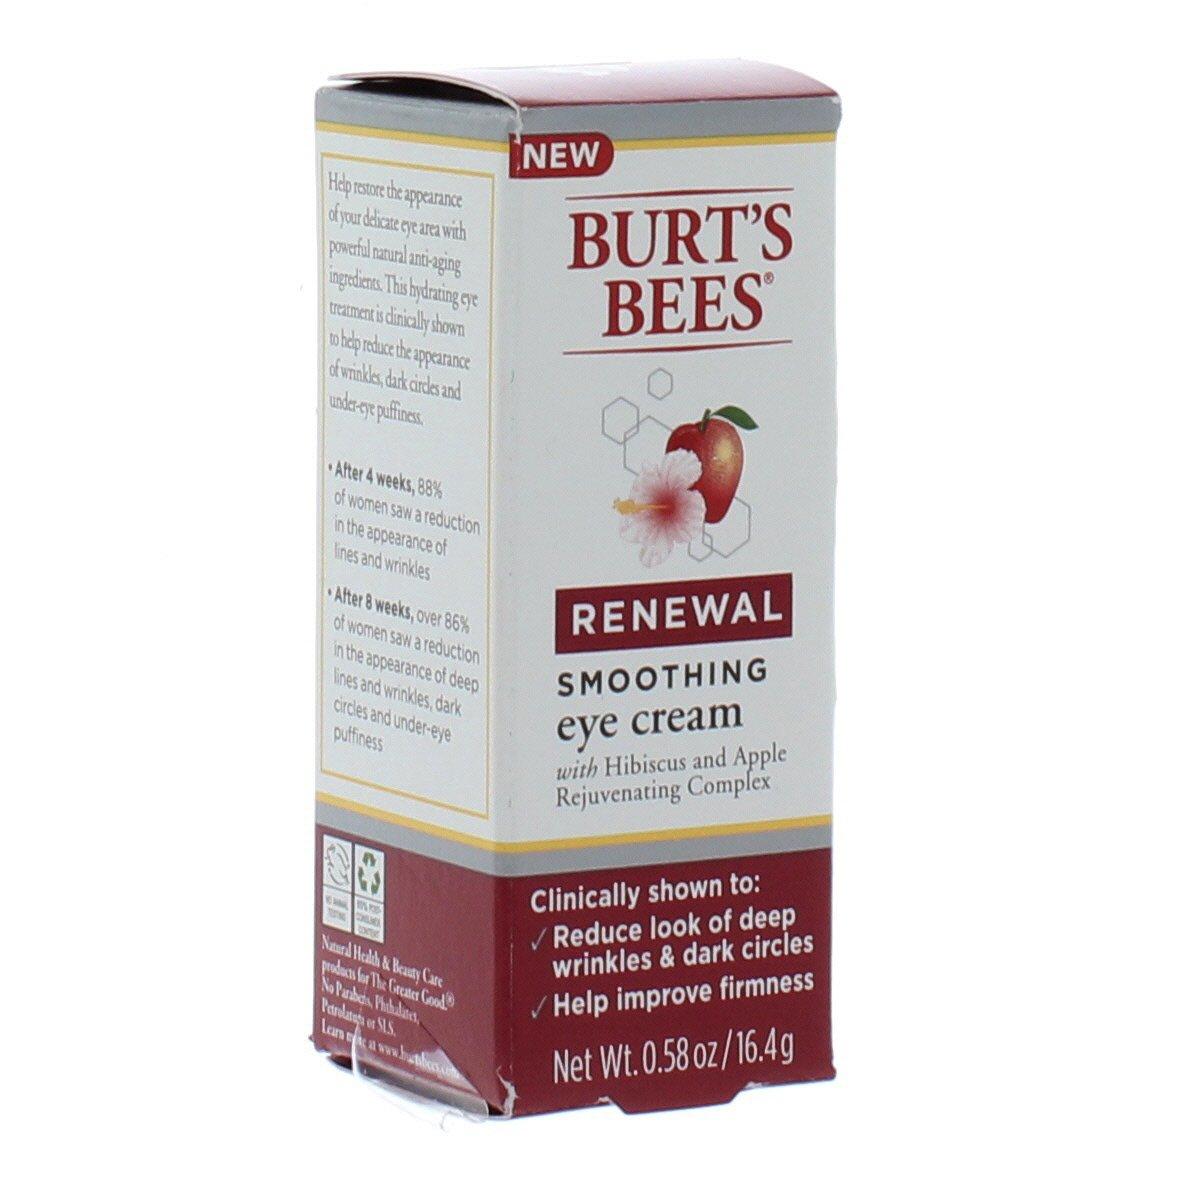 Renewal Smoothing Eye Cream by Burt's Bees #21